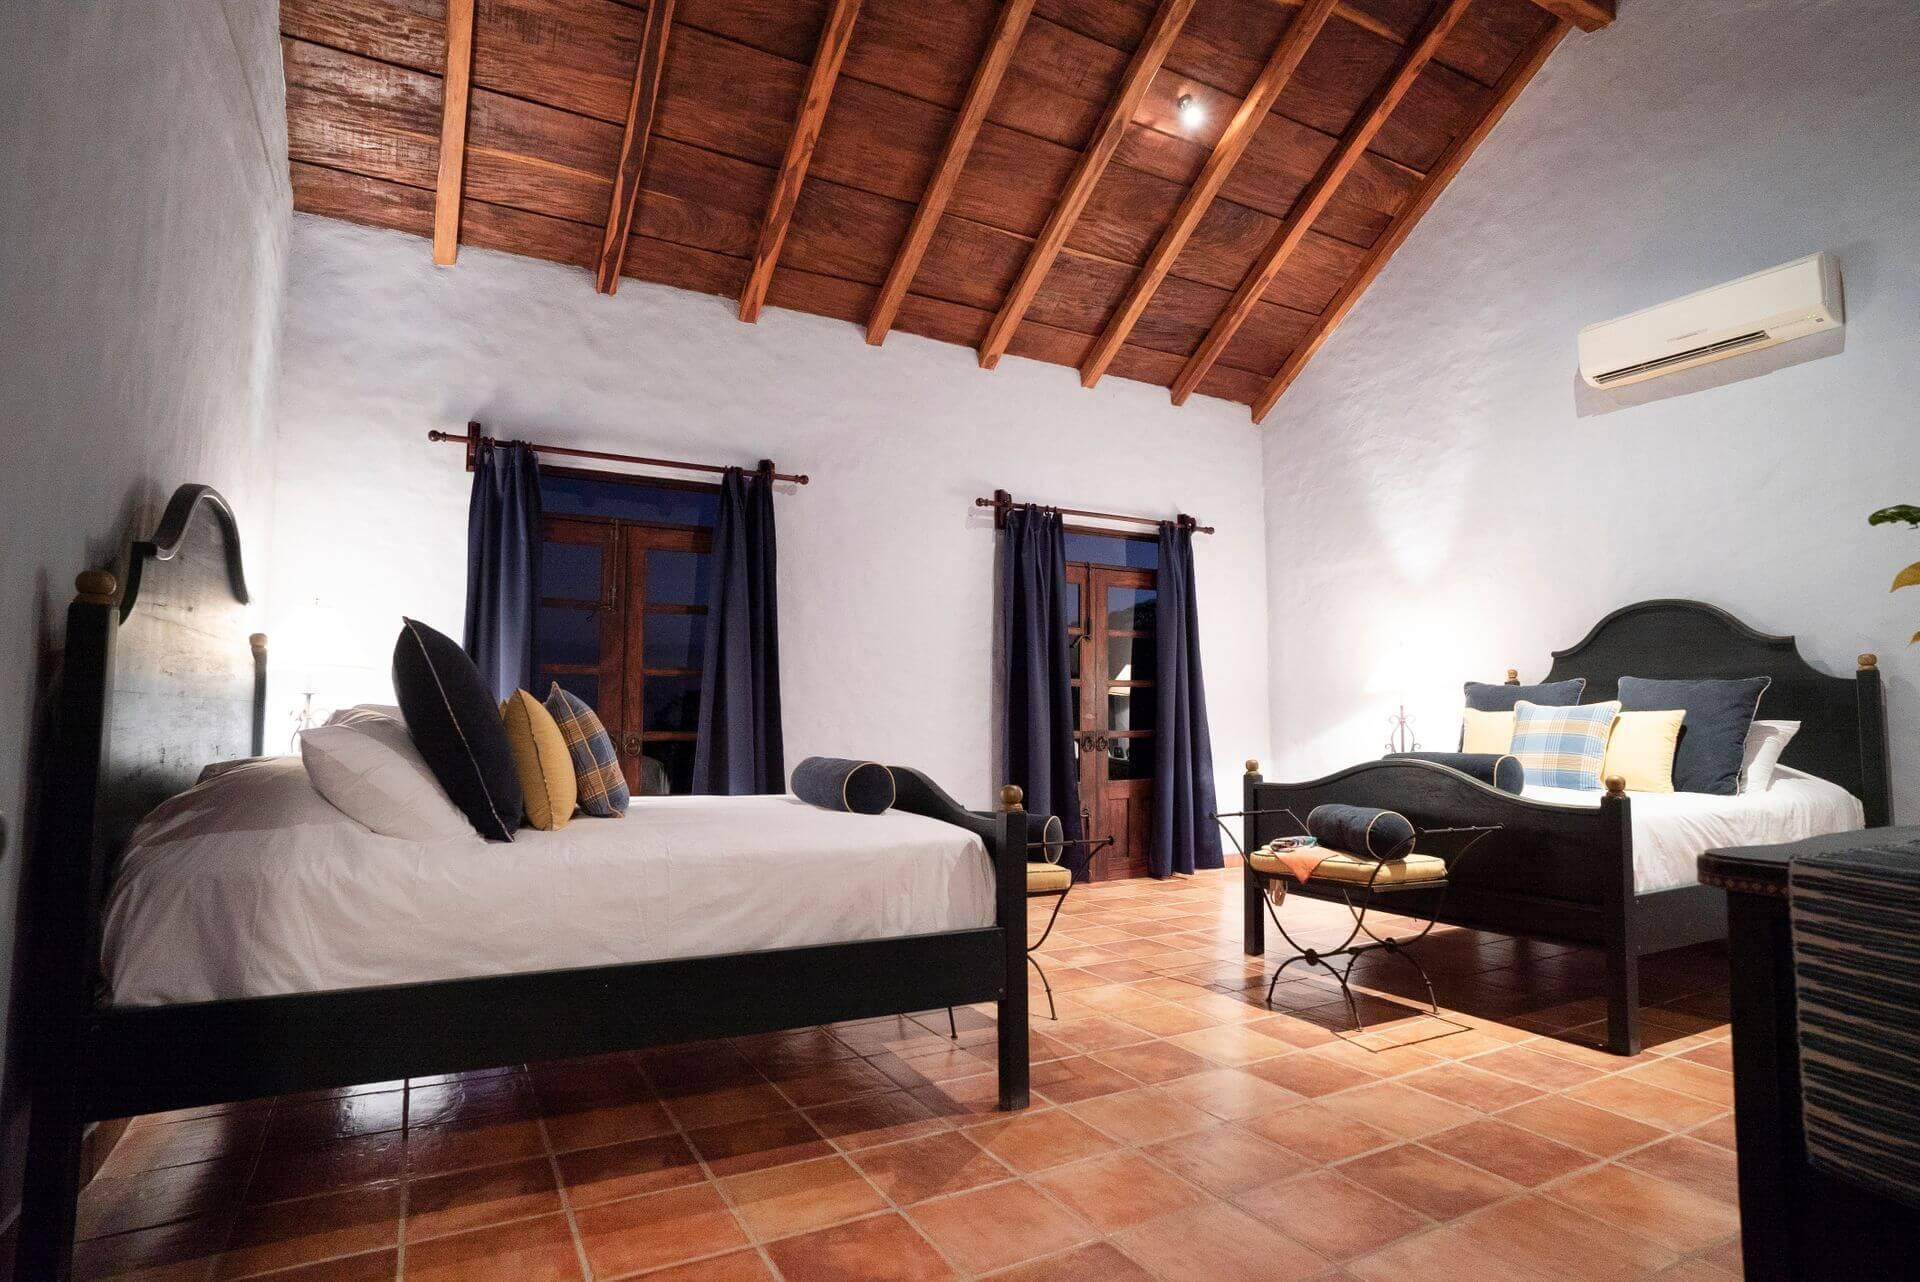 Casa Barrigona Bedroom Nicoya Costa Rica